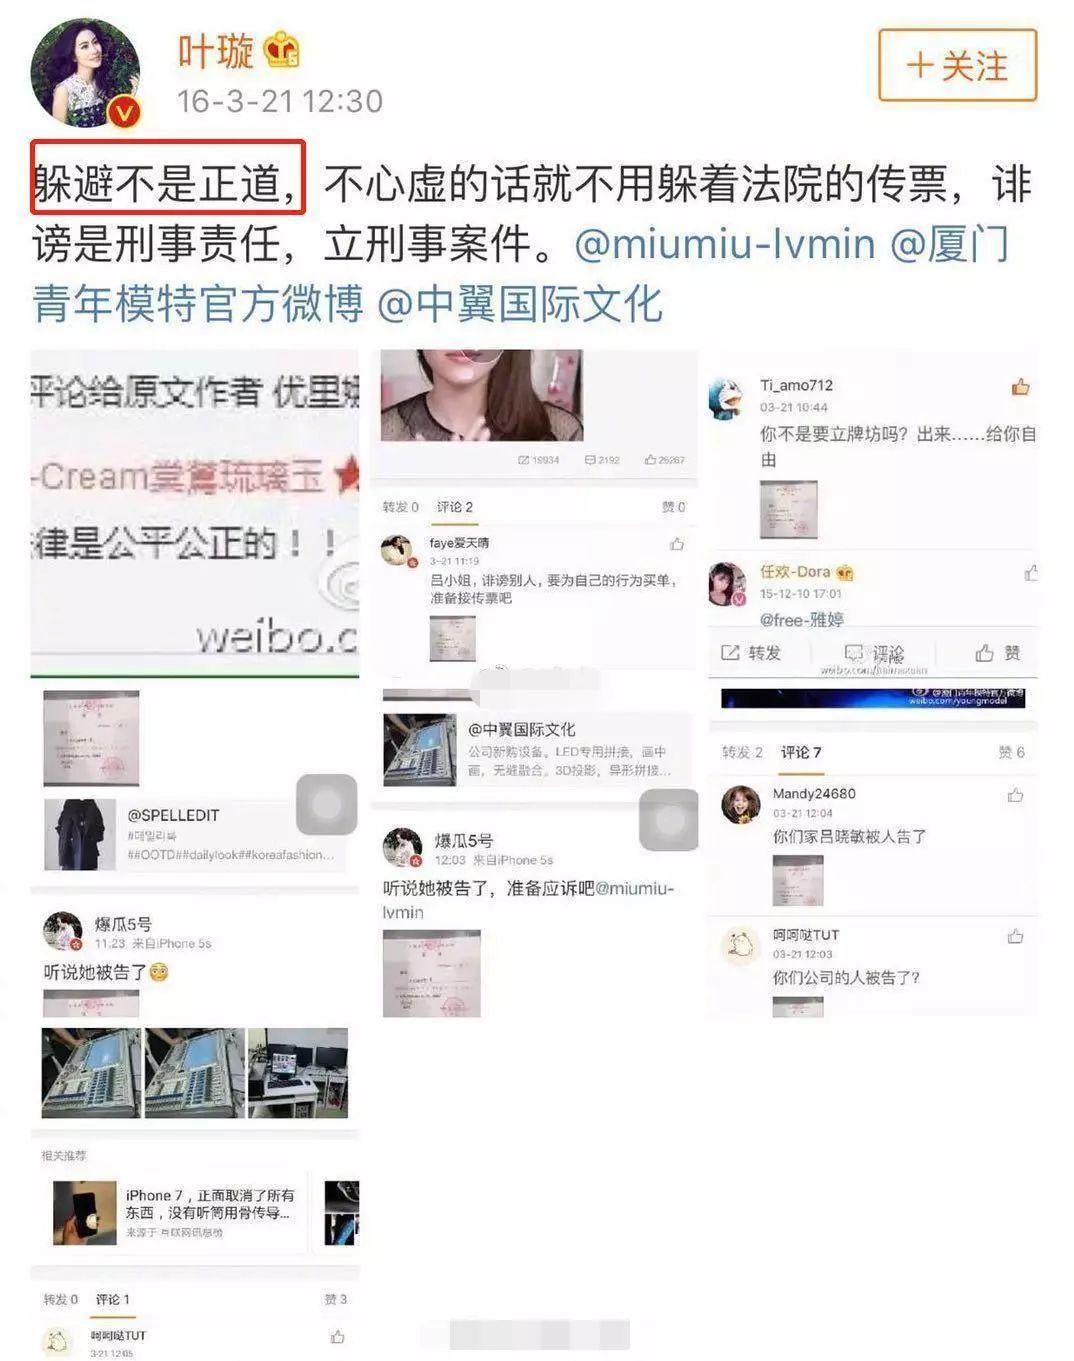 赔了8万、亲笔信道歉,叶璇终于承认当初脑子坏了